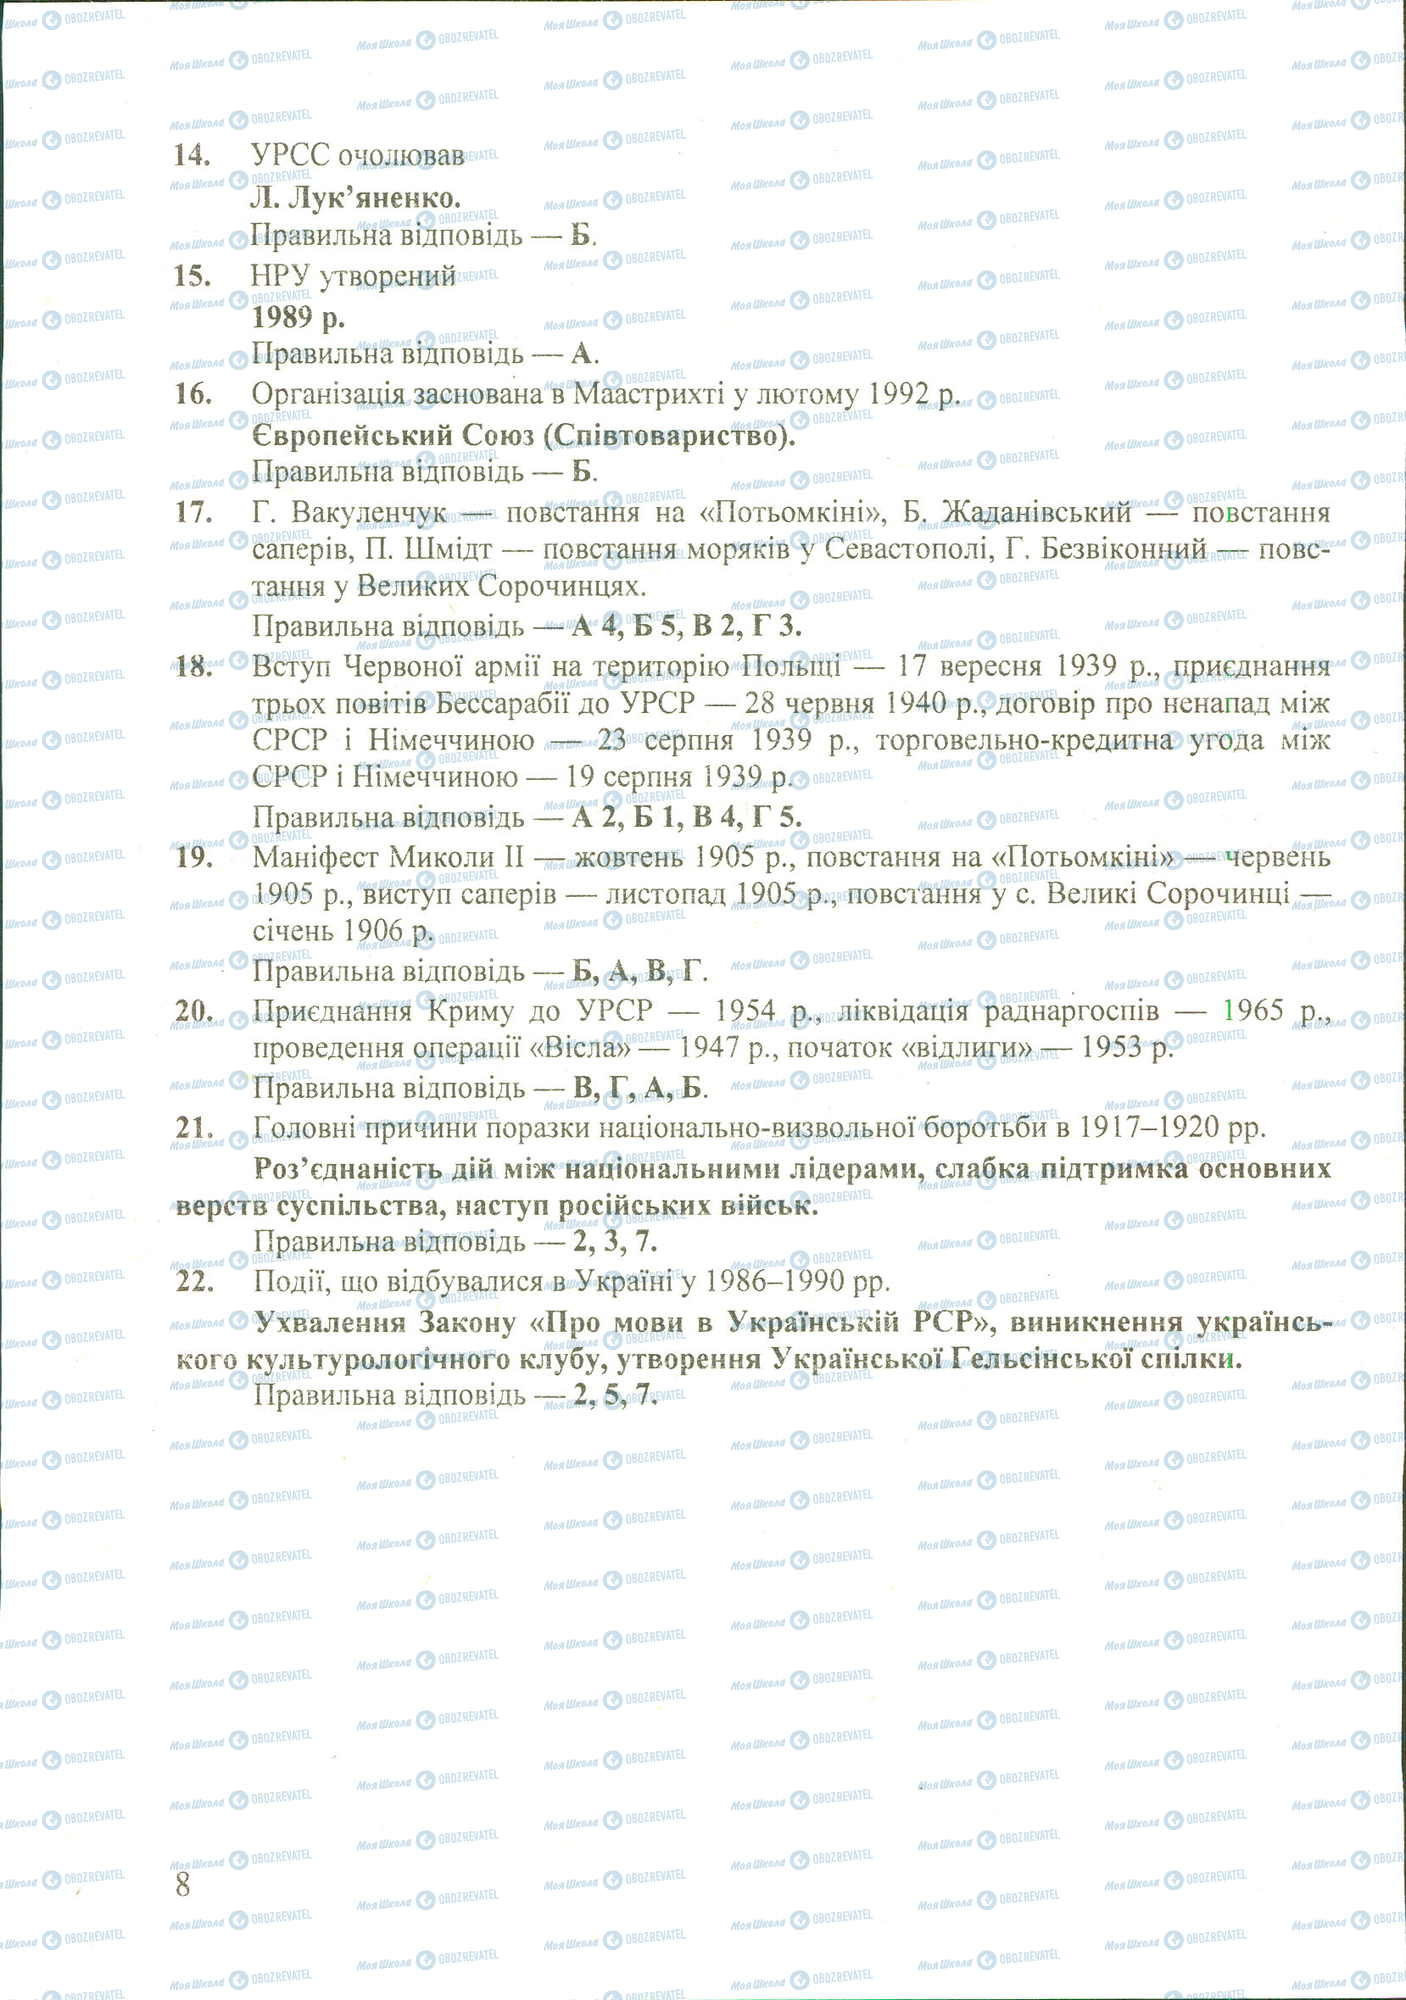 ДПА Історія України 11 клас сторінка image0000019B